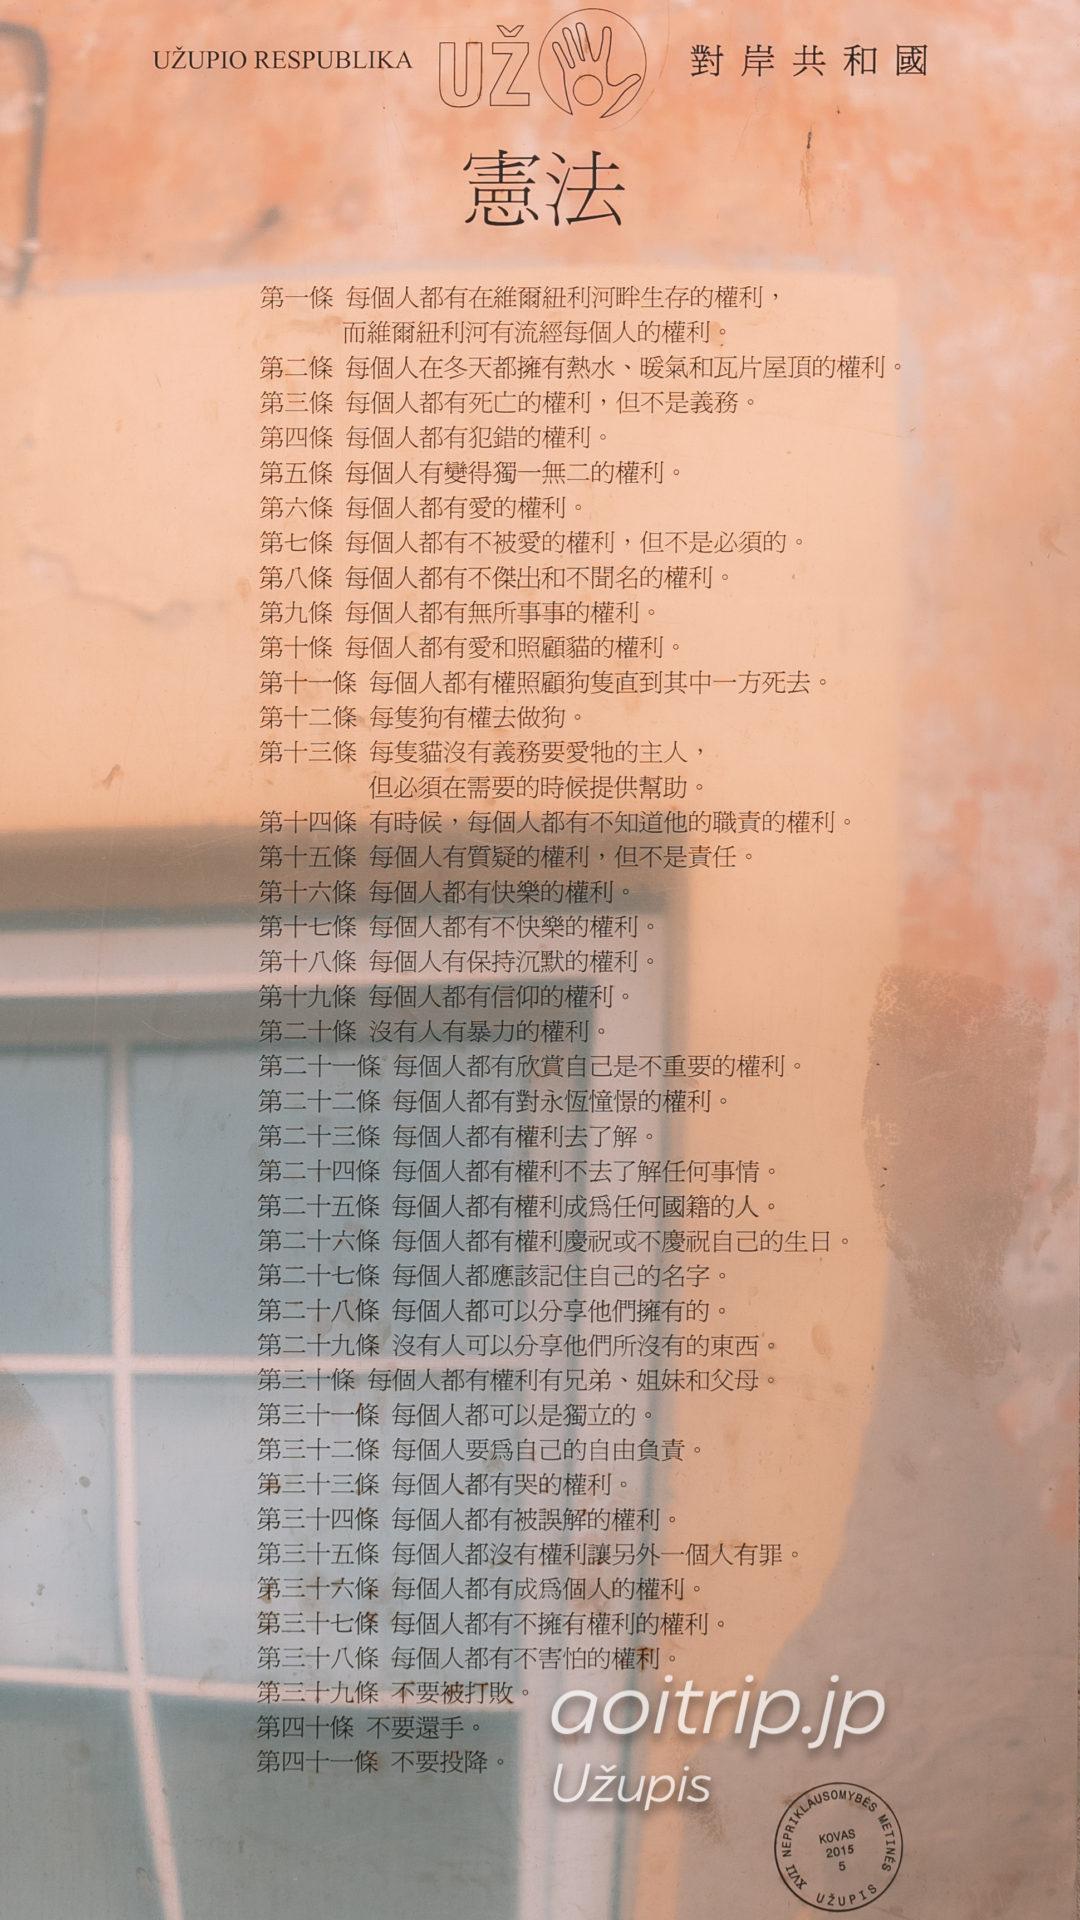 ウジュピス共和国憲法(中国語)